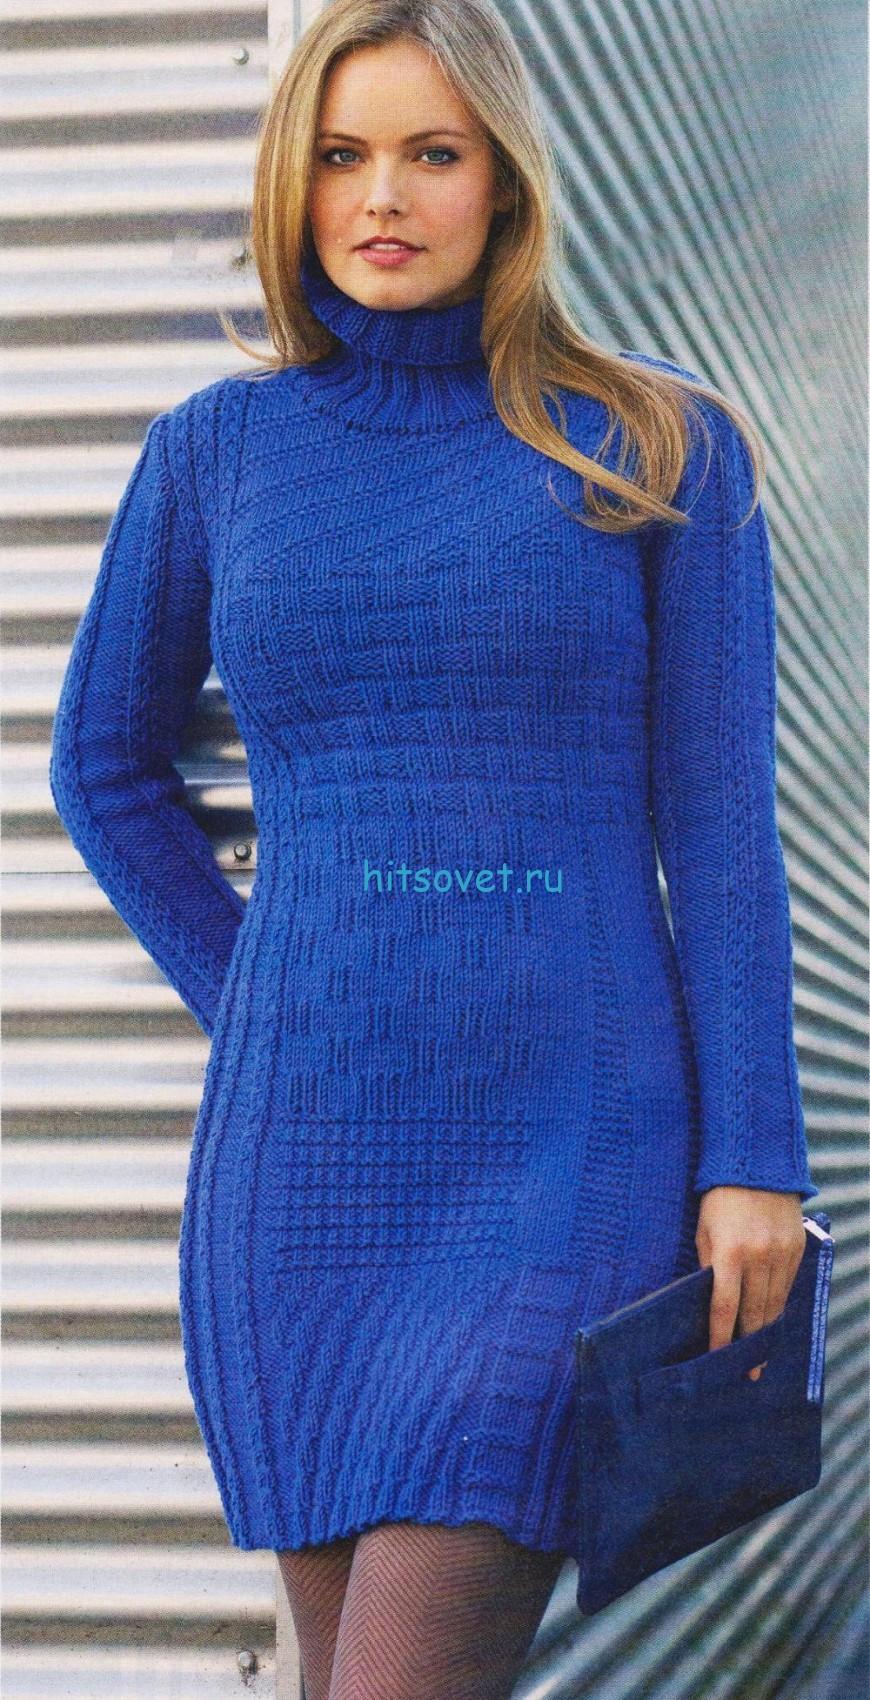 Узорчатое платье спицами, фото 1.